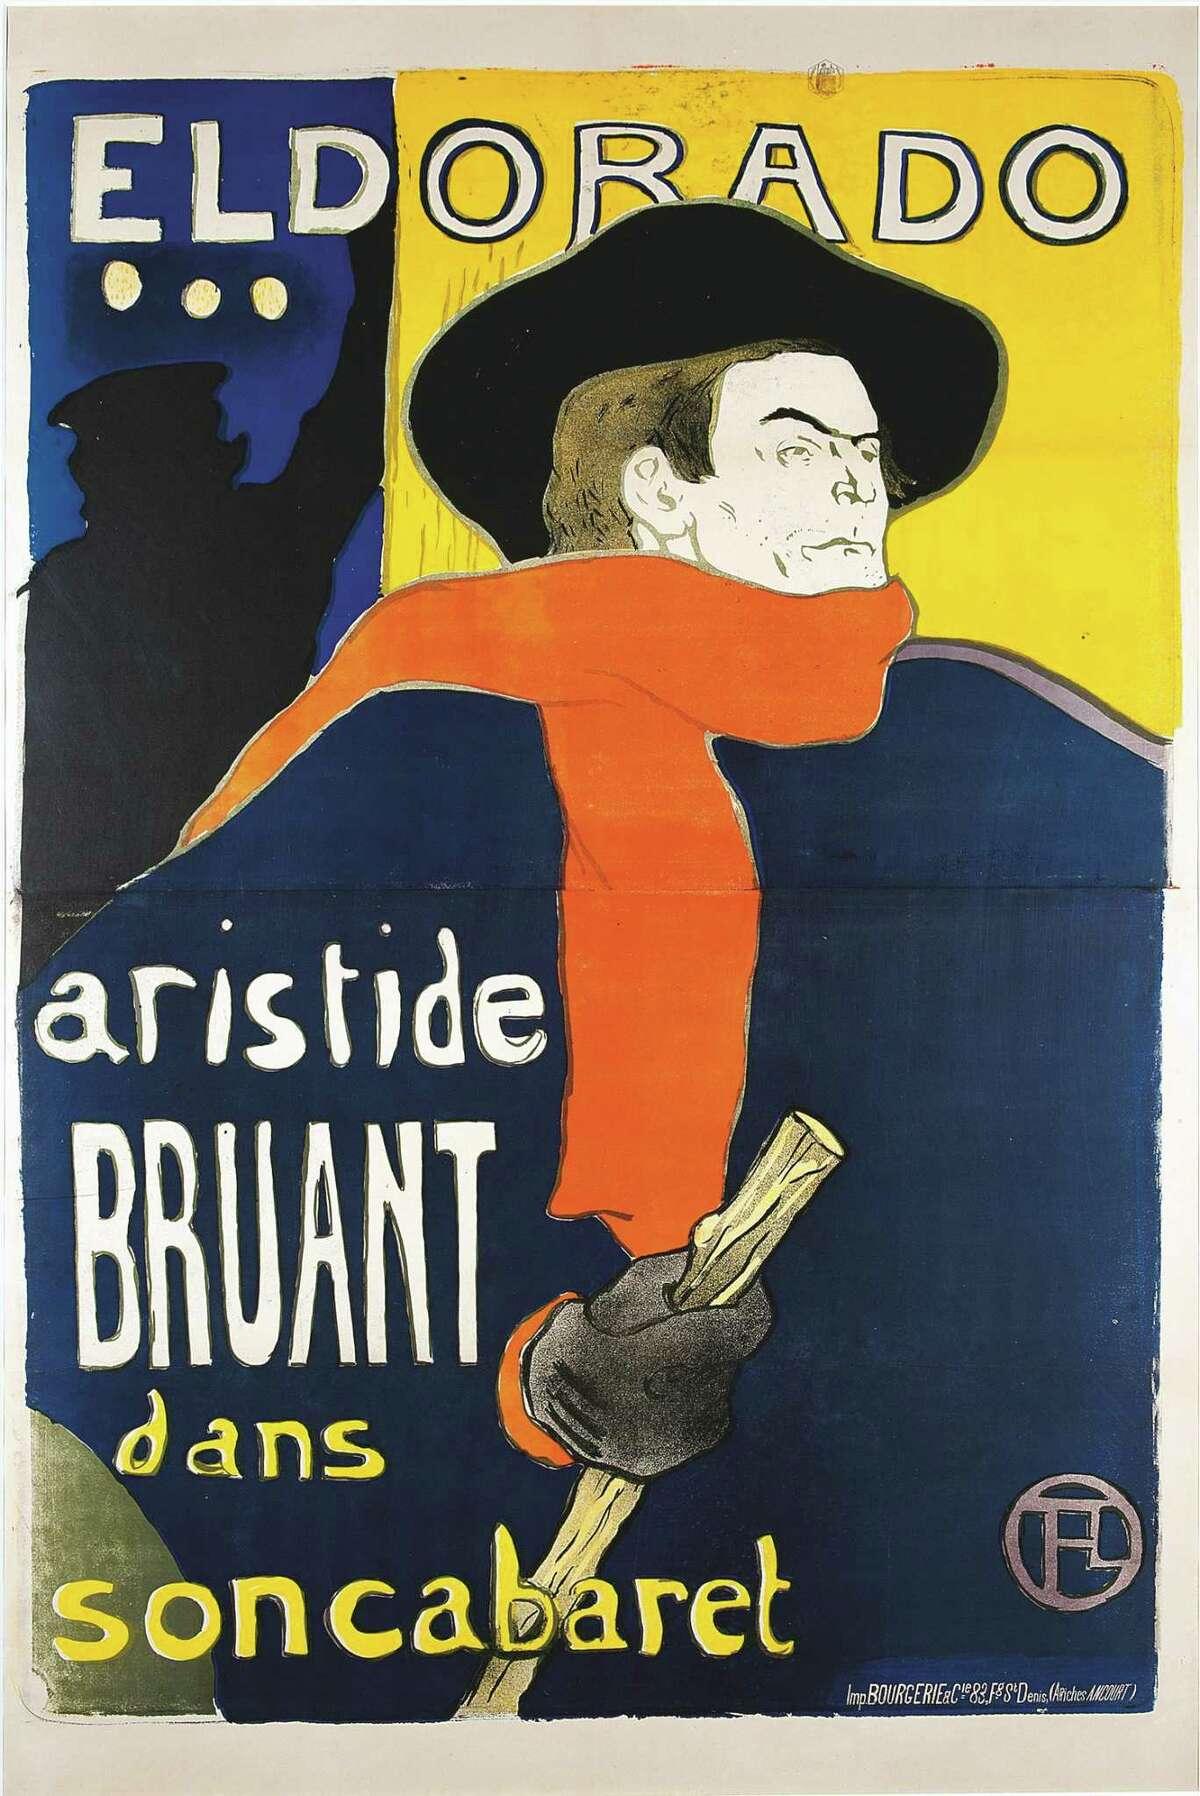 """Henri de Toulouse-Lautrec (French 1864-1901) - """"Eldorado, Aristide Bruant dans son cabaret,"""" 1892. Color lithograph, 1380 x 960 mm."""